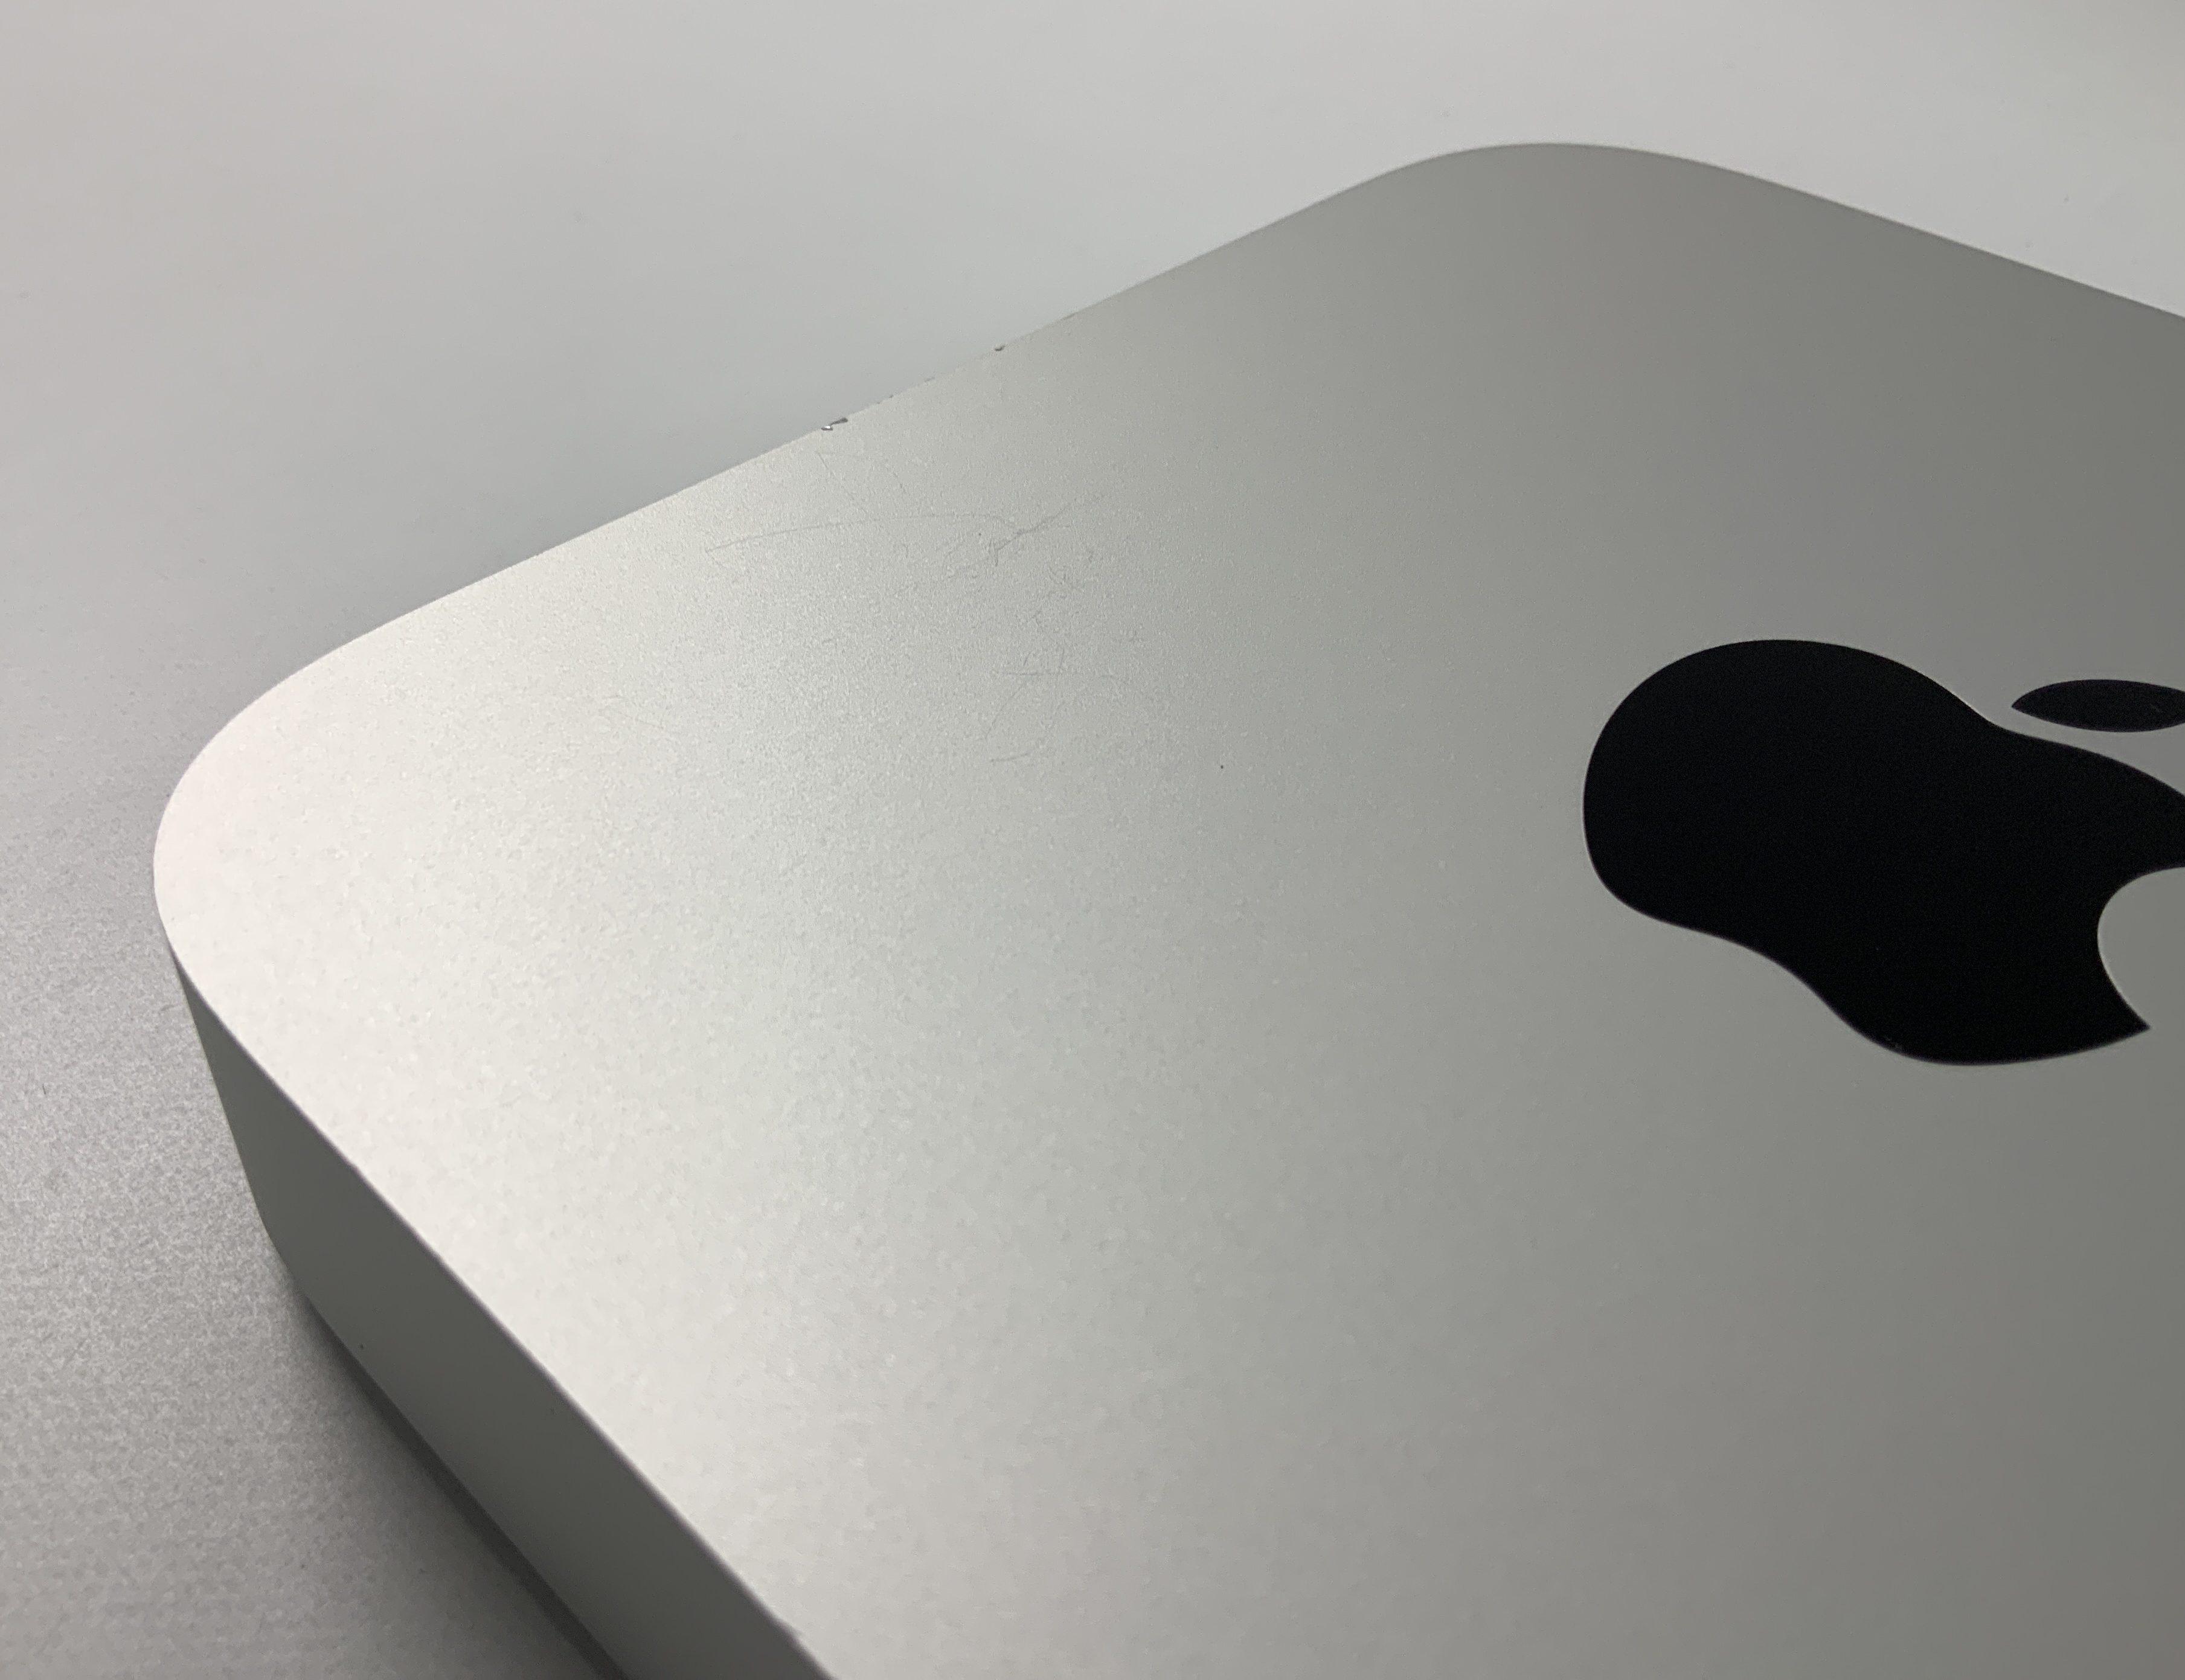 Mac Mini Late 2014 (Intel Core i7 3.0 GHz 16 GB RAM 256 GB SSD), Intel Core i7 3.0 GHz, 16 GB RAM, 256 GB SSD, immagine 4